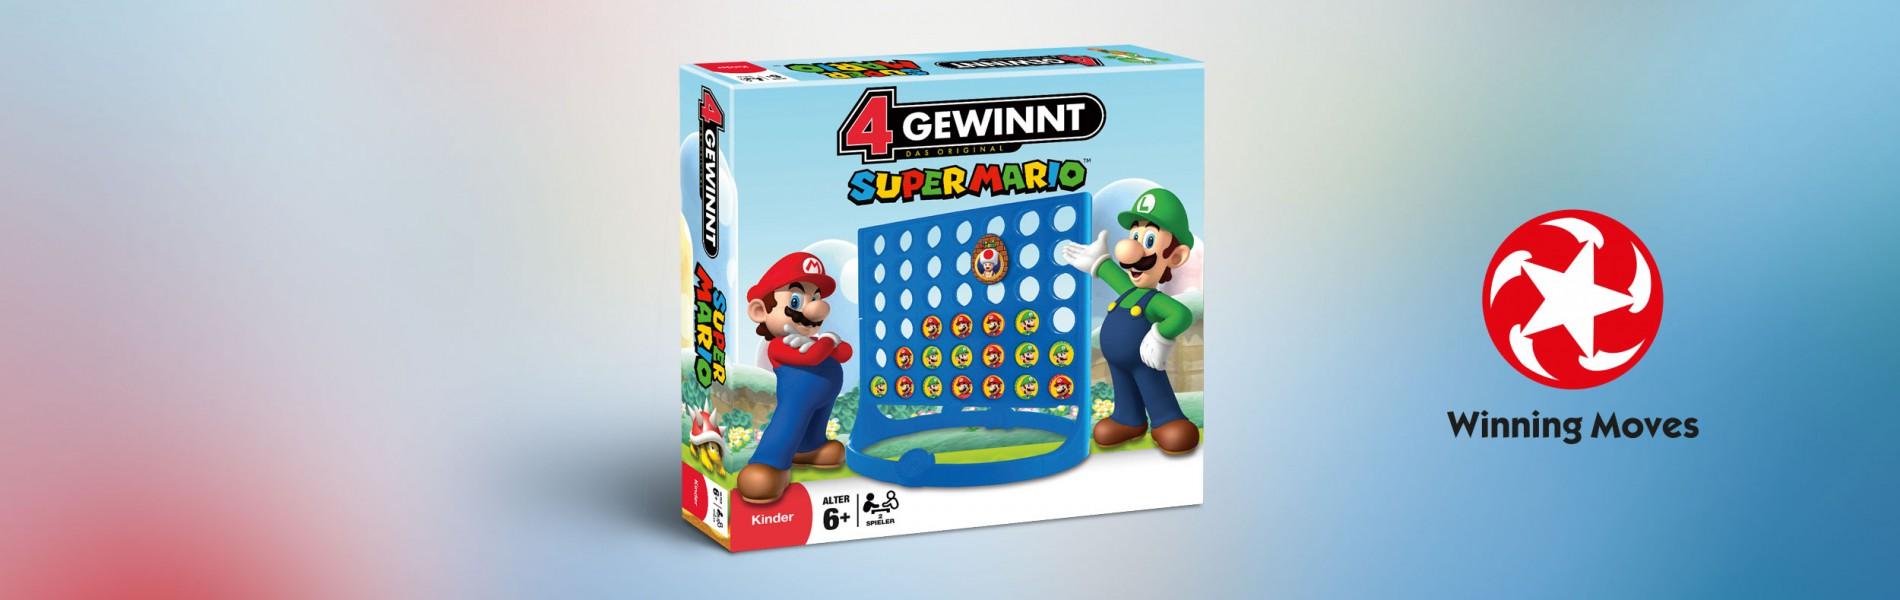 4 Gewinnt Super Mario